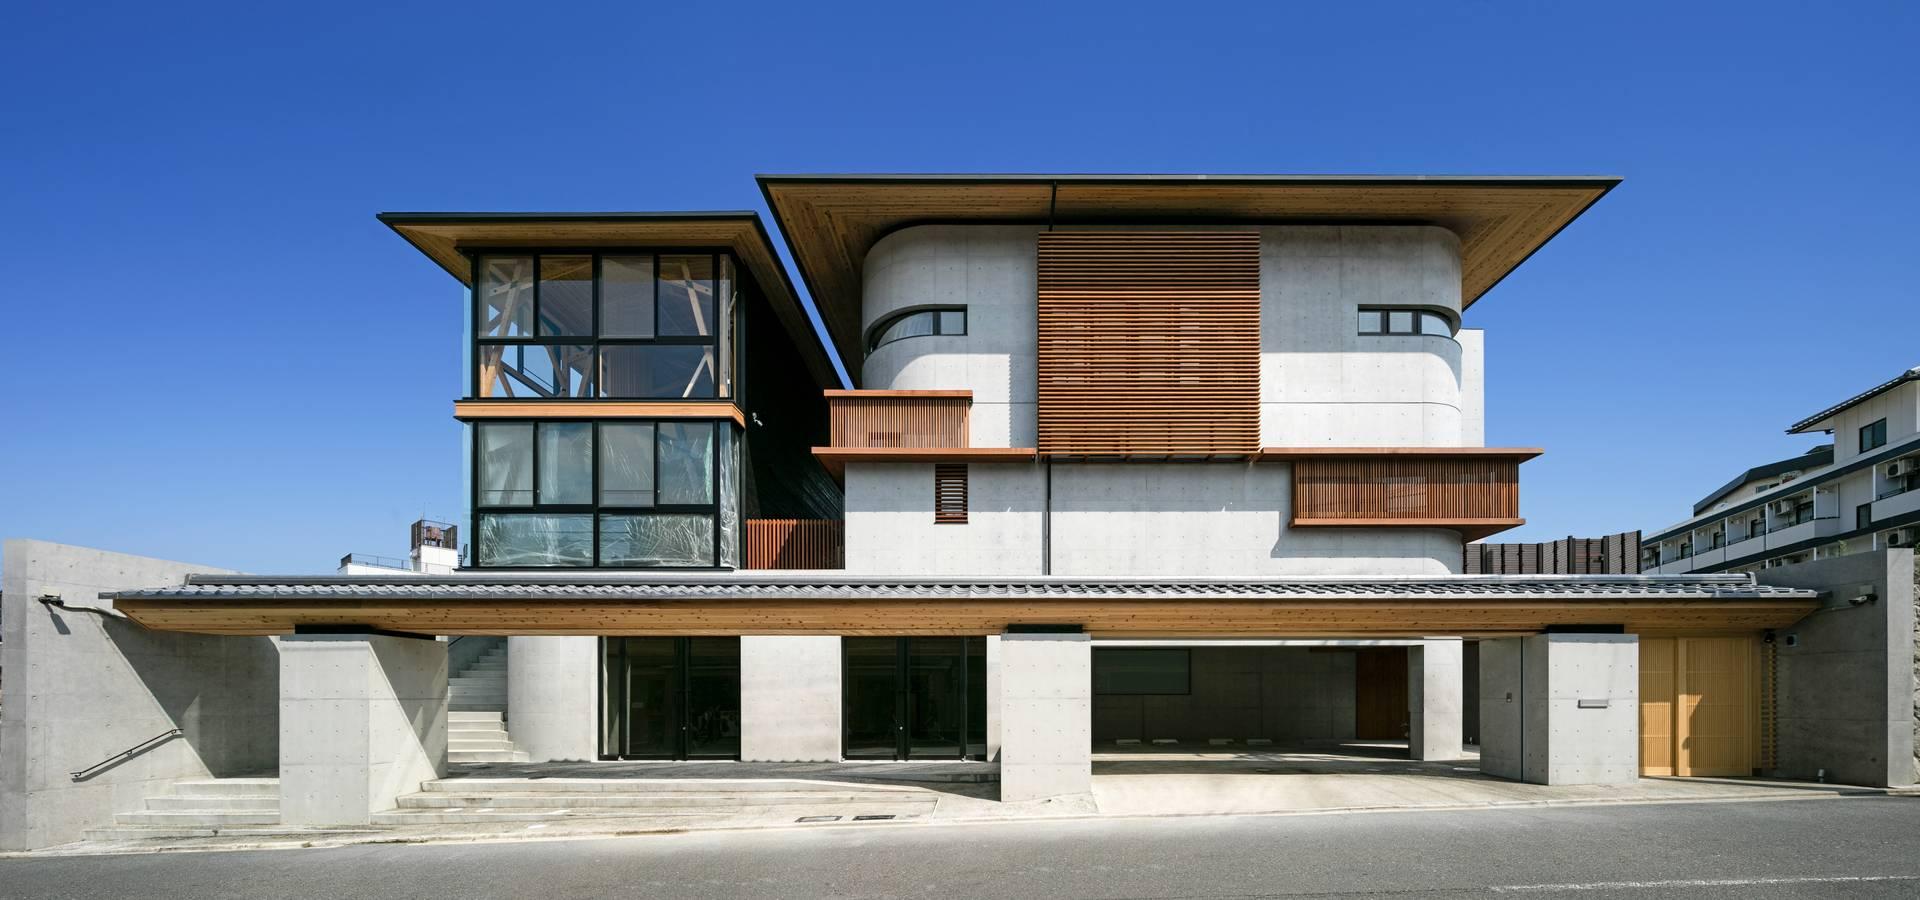 一級建築士事務所 アリアナ建築設計事務所